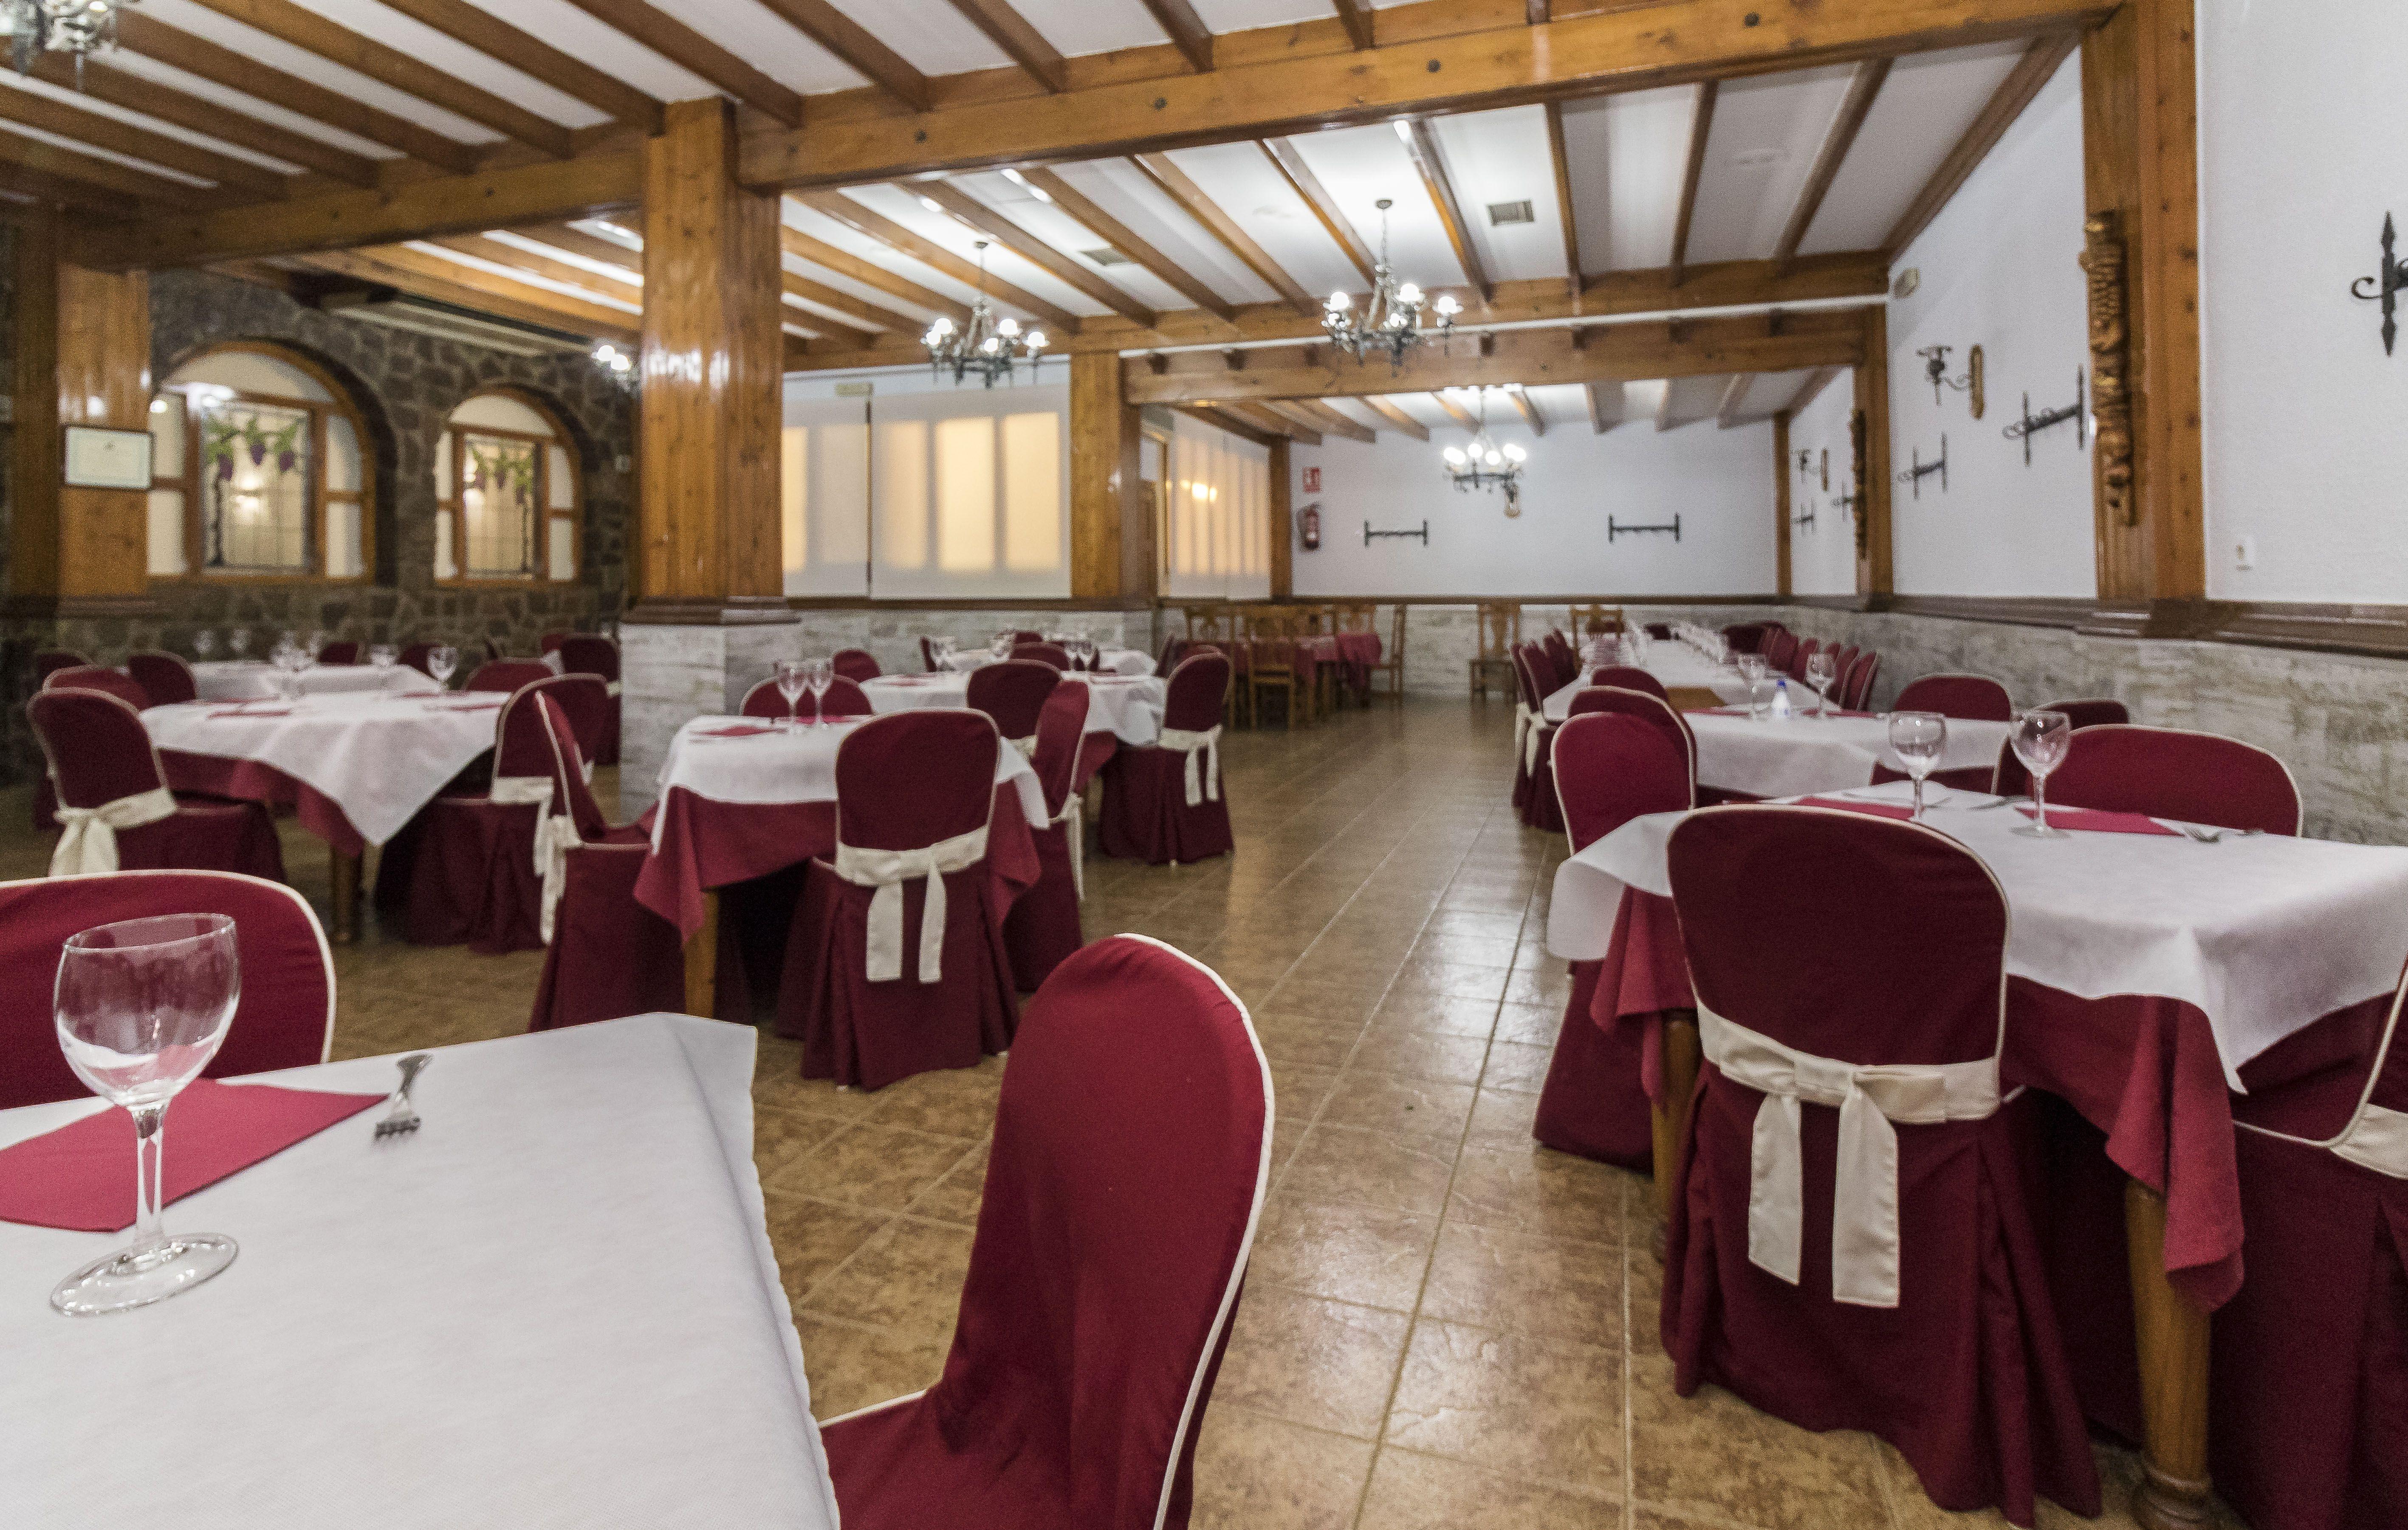 Restaurante con salones para banquetes en Yecla